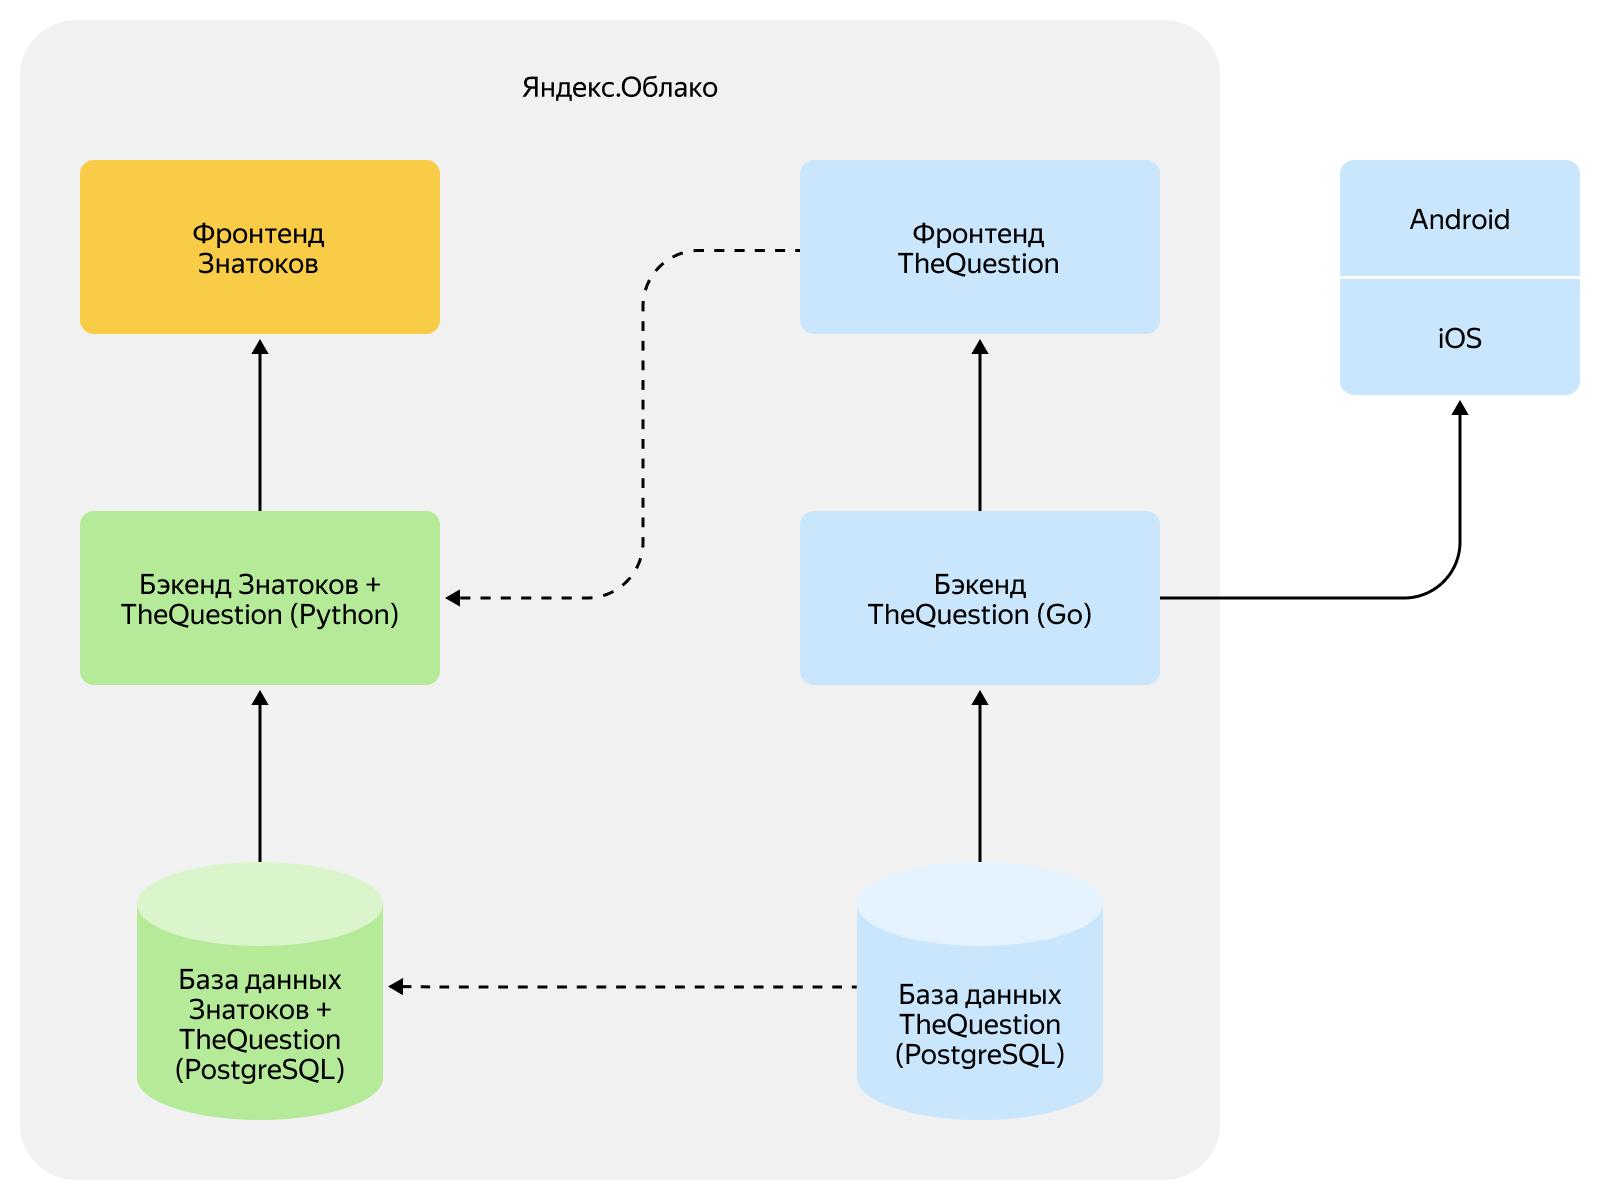 Как объединить две платформы в одну и не обидеть пользователей. Опыт разработчиков Яндекс.Кью - 4